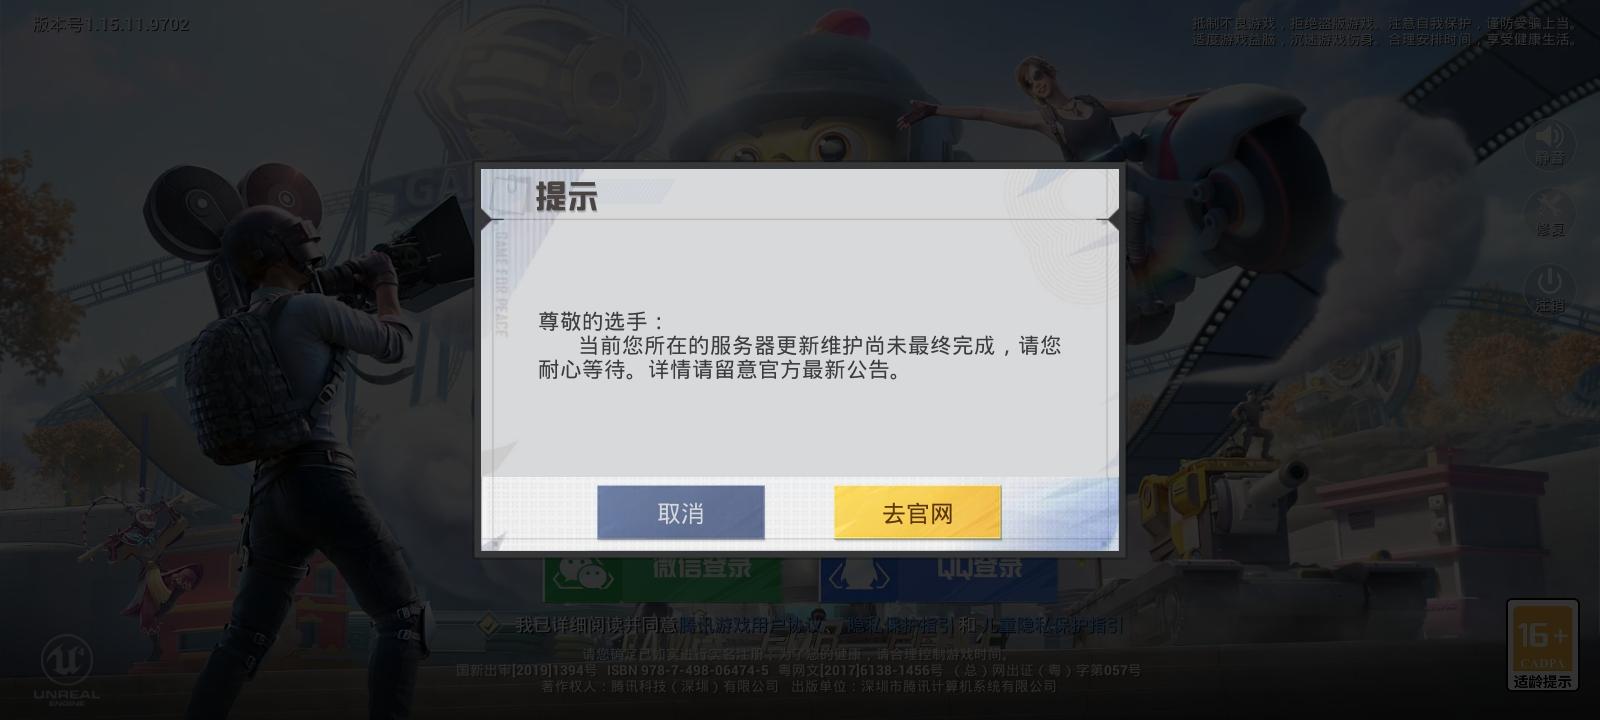 和平精英体验服近期部分玩家无法登陆的问题说明